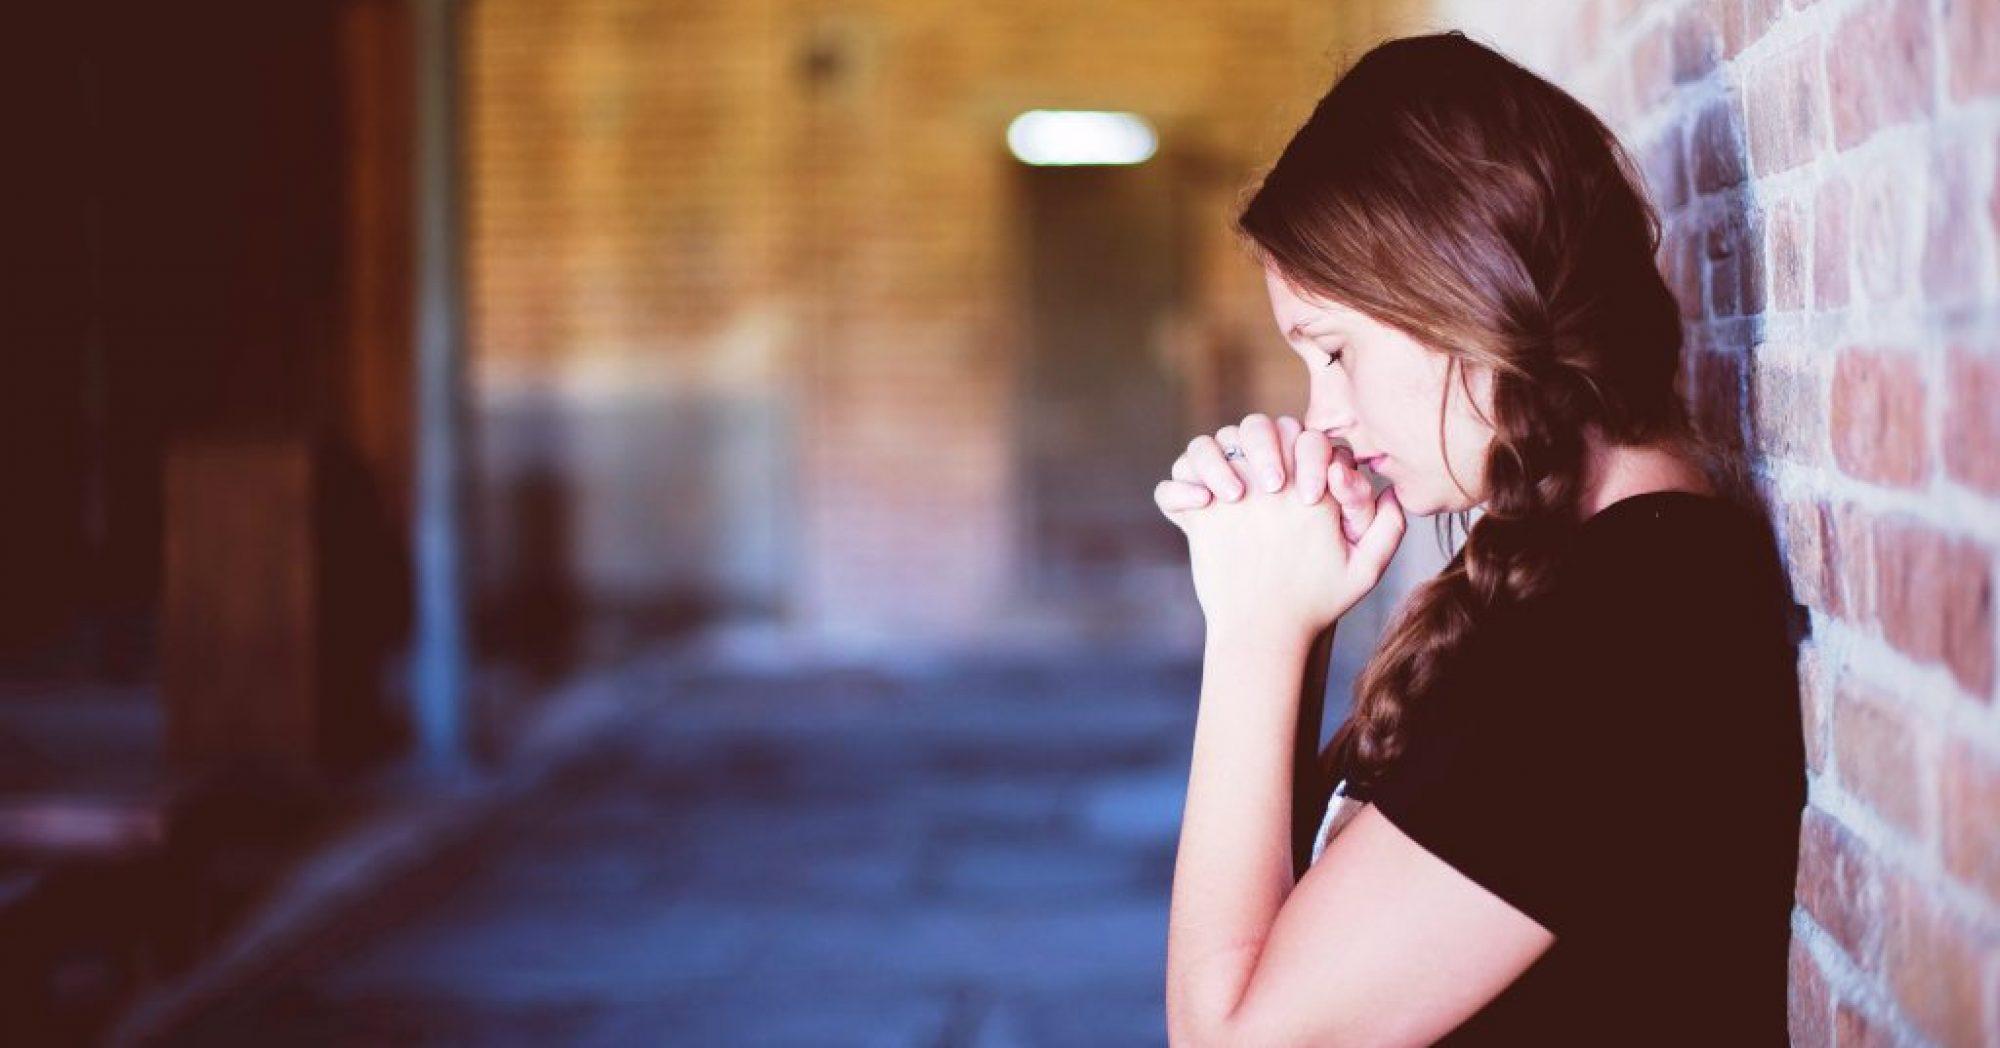 LOOKING TO JESUS THE SAVIOUR